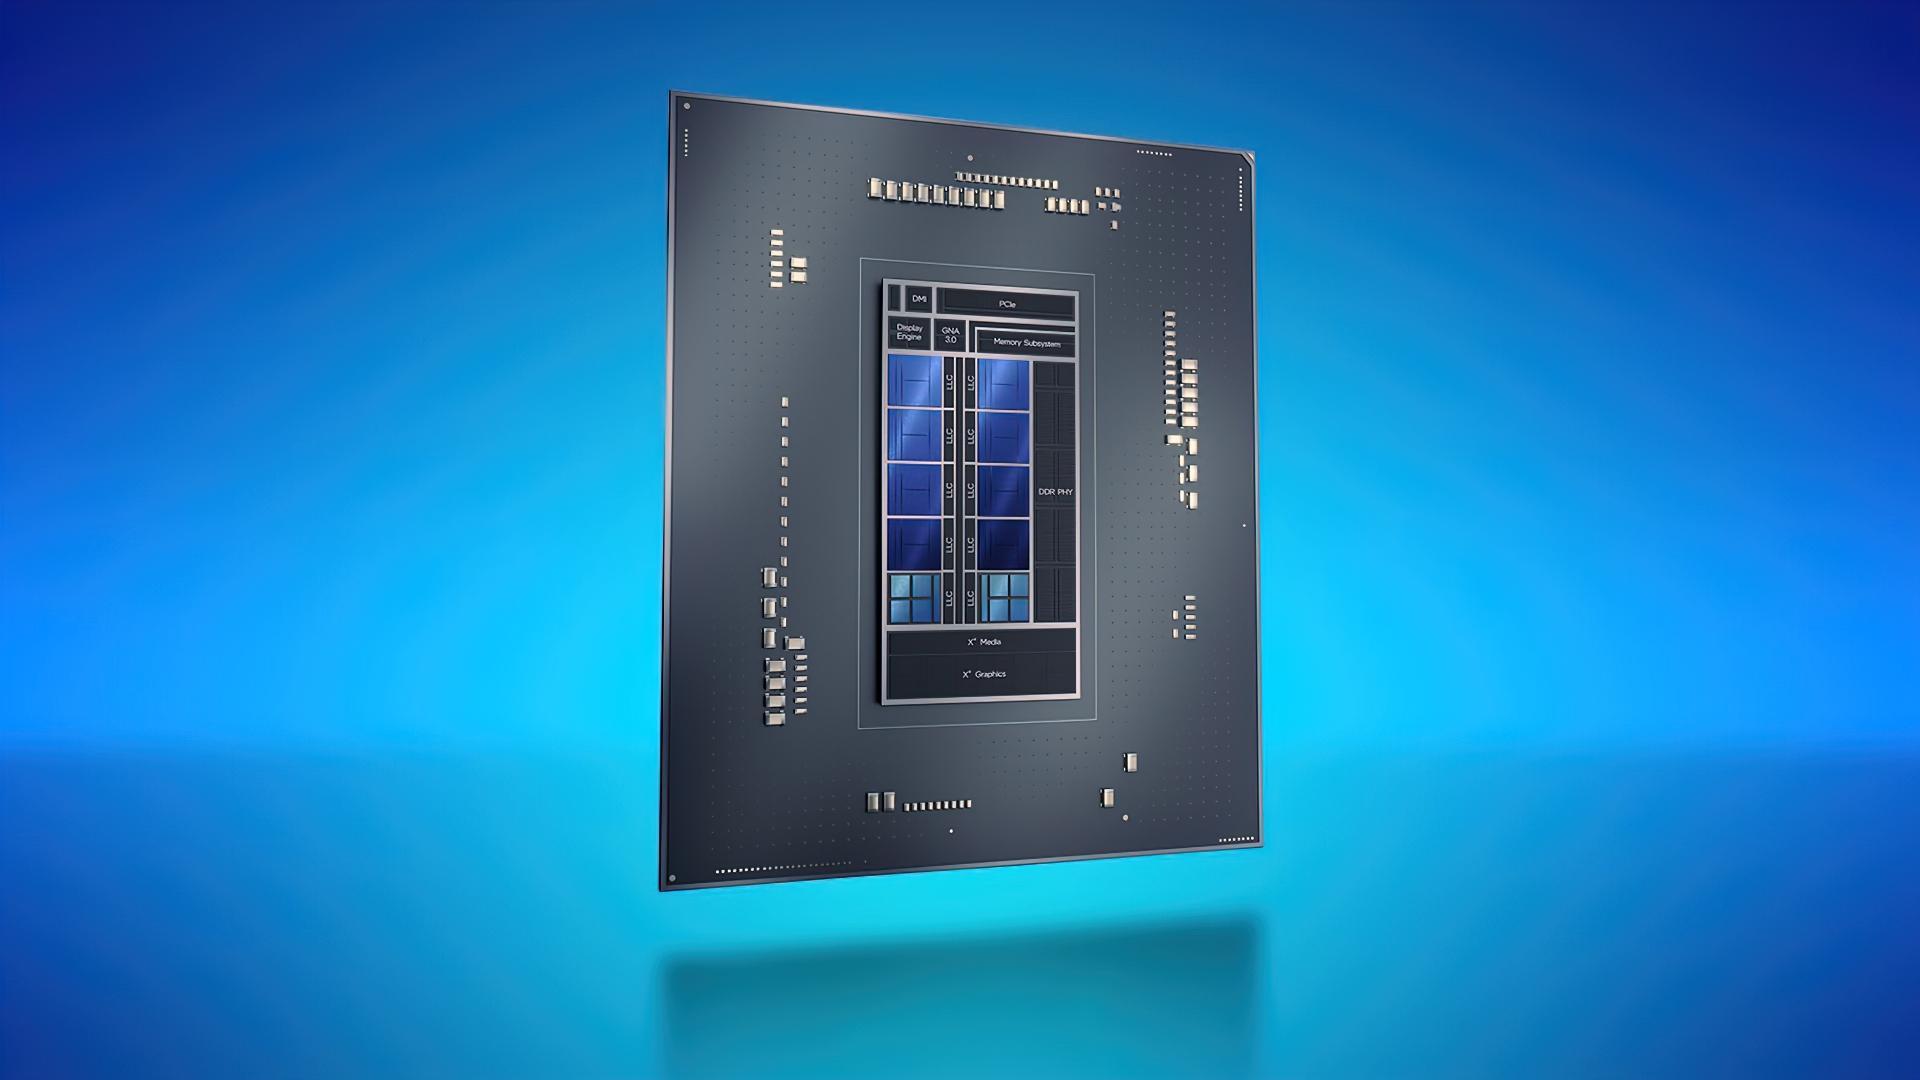 Intel Core i5-12400 Alder Lake шустрее AMD Ryzen 5 5600X вутекших бенчмарках